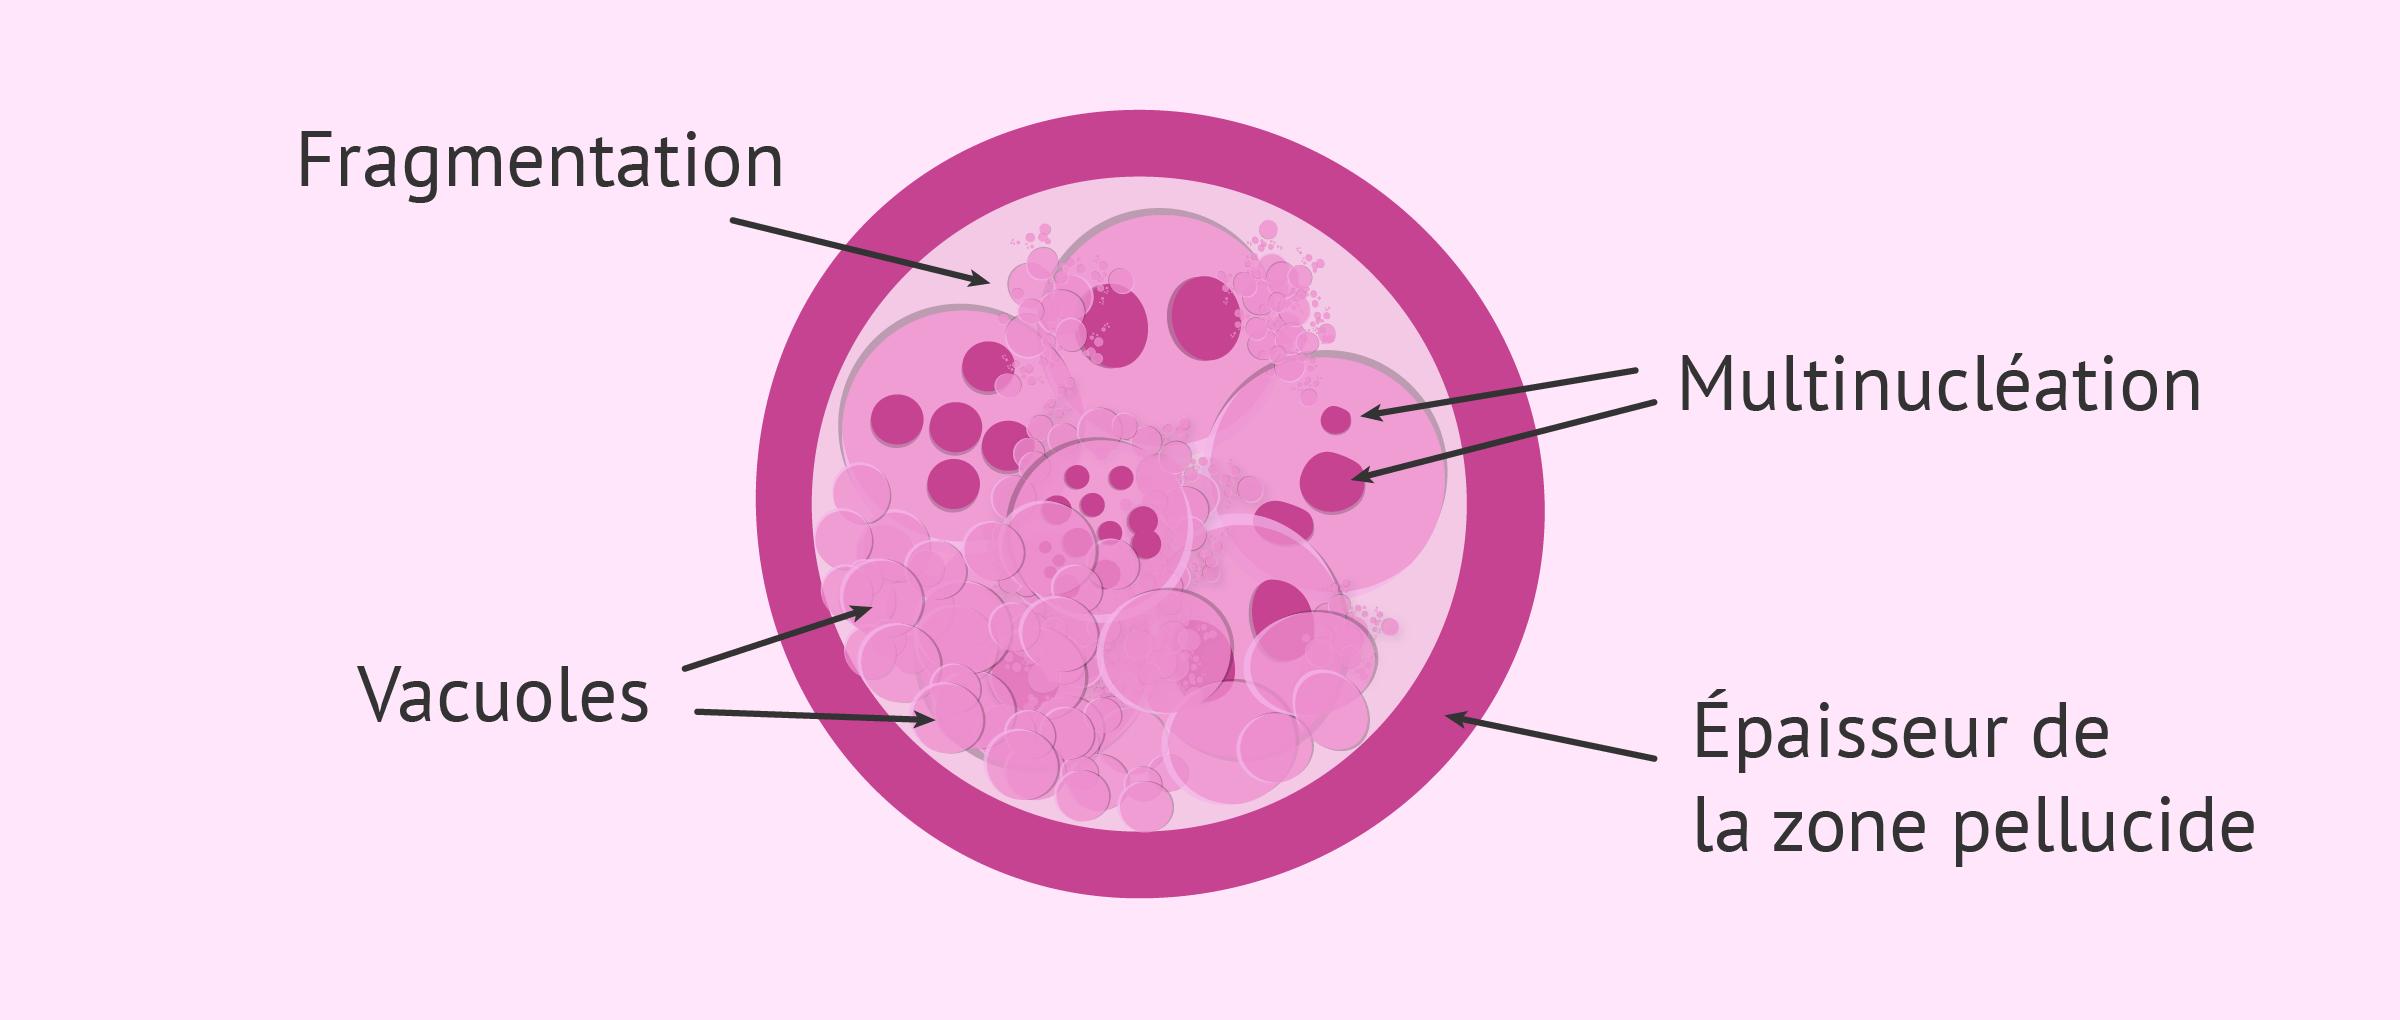 Critères morphologiques de classification embryonnaire